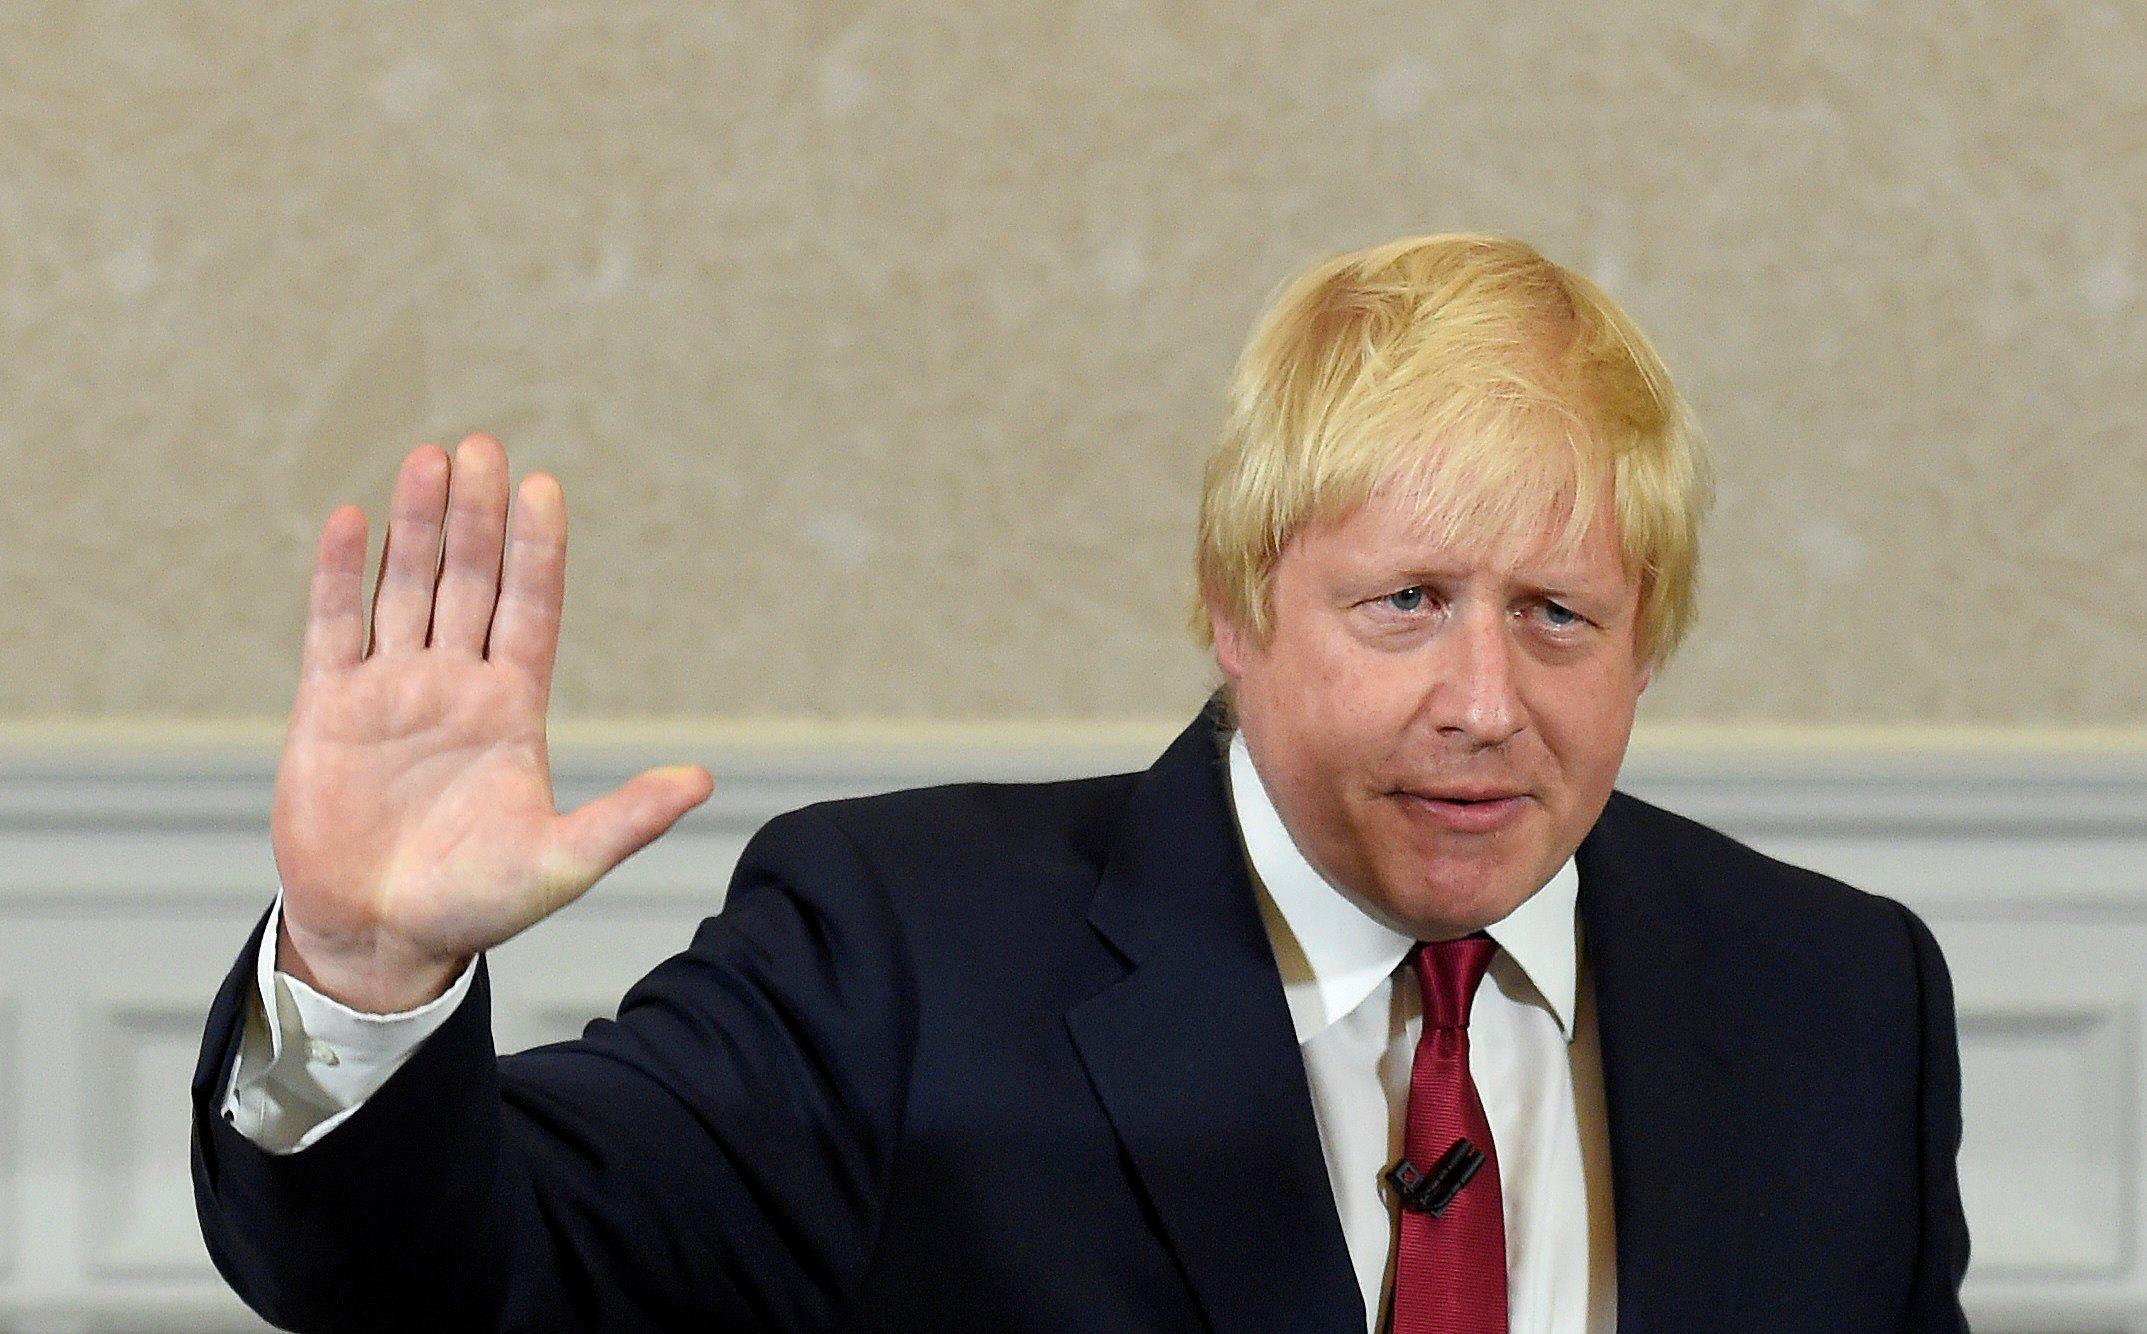 El líder de la campaña para que Reino Unido deje la Unión Europea, Boris Johnson, ofrece un discurso en Londres. 30 de junio de 2016. Foto: REUTERS/Toby Melville/